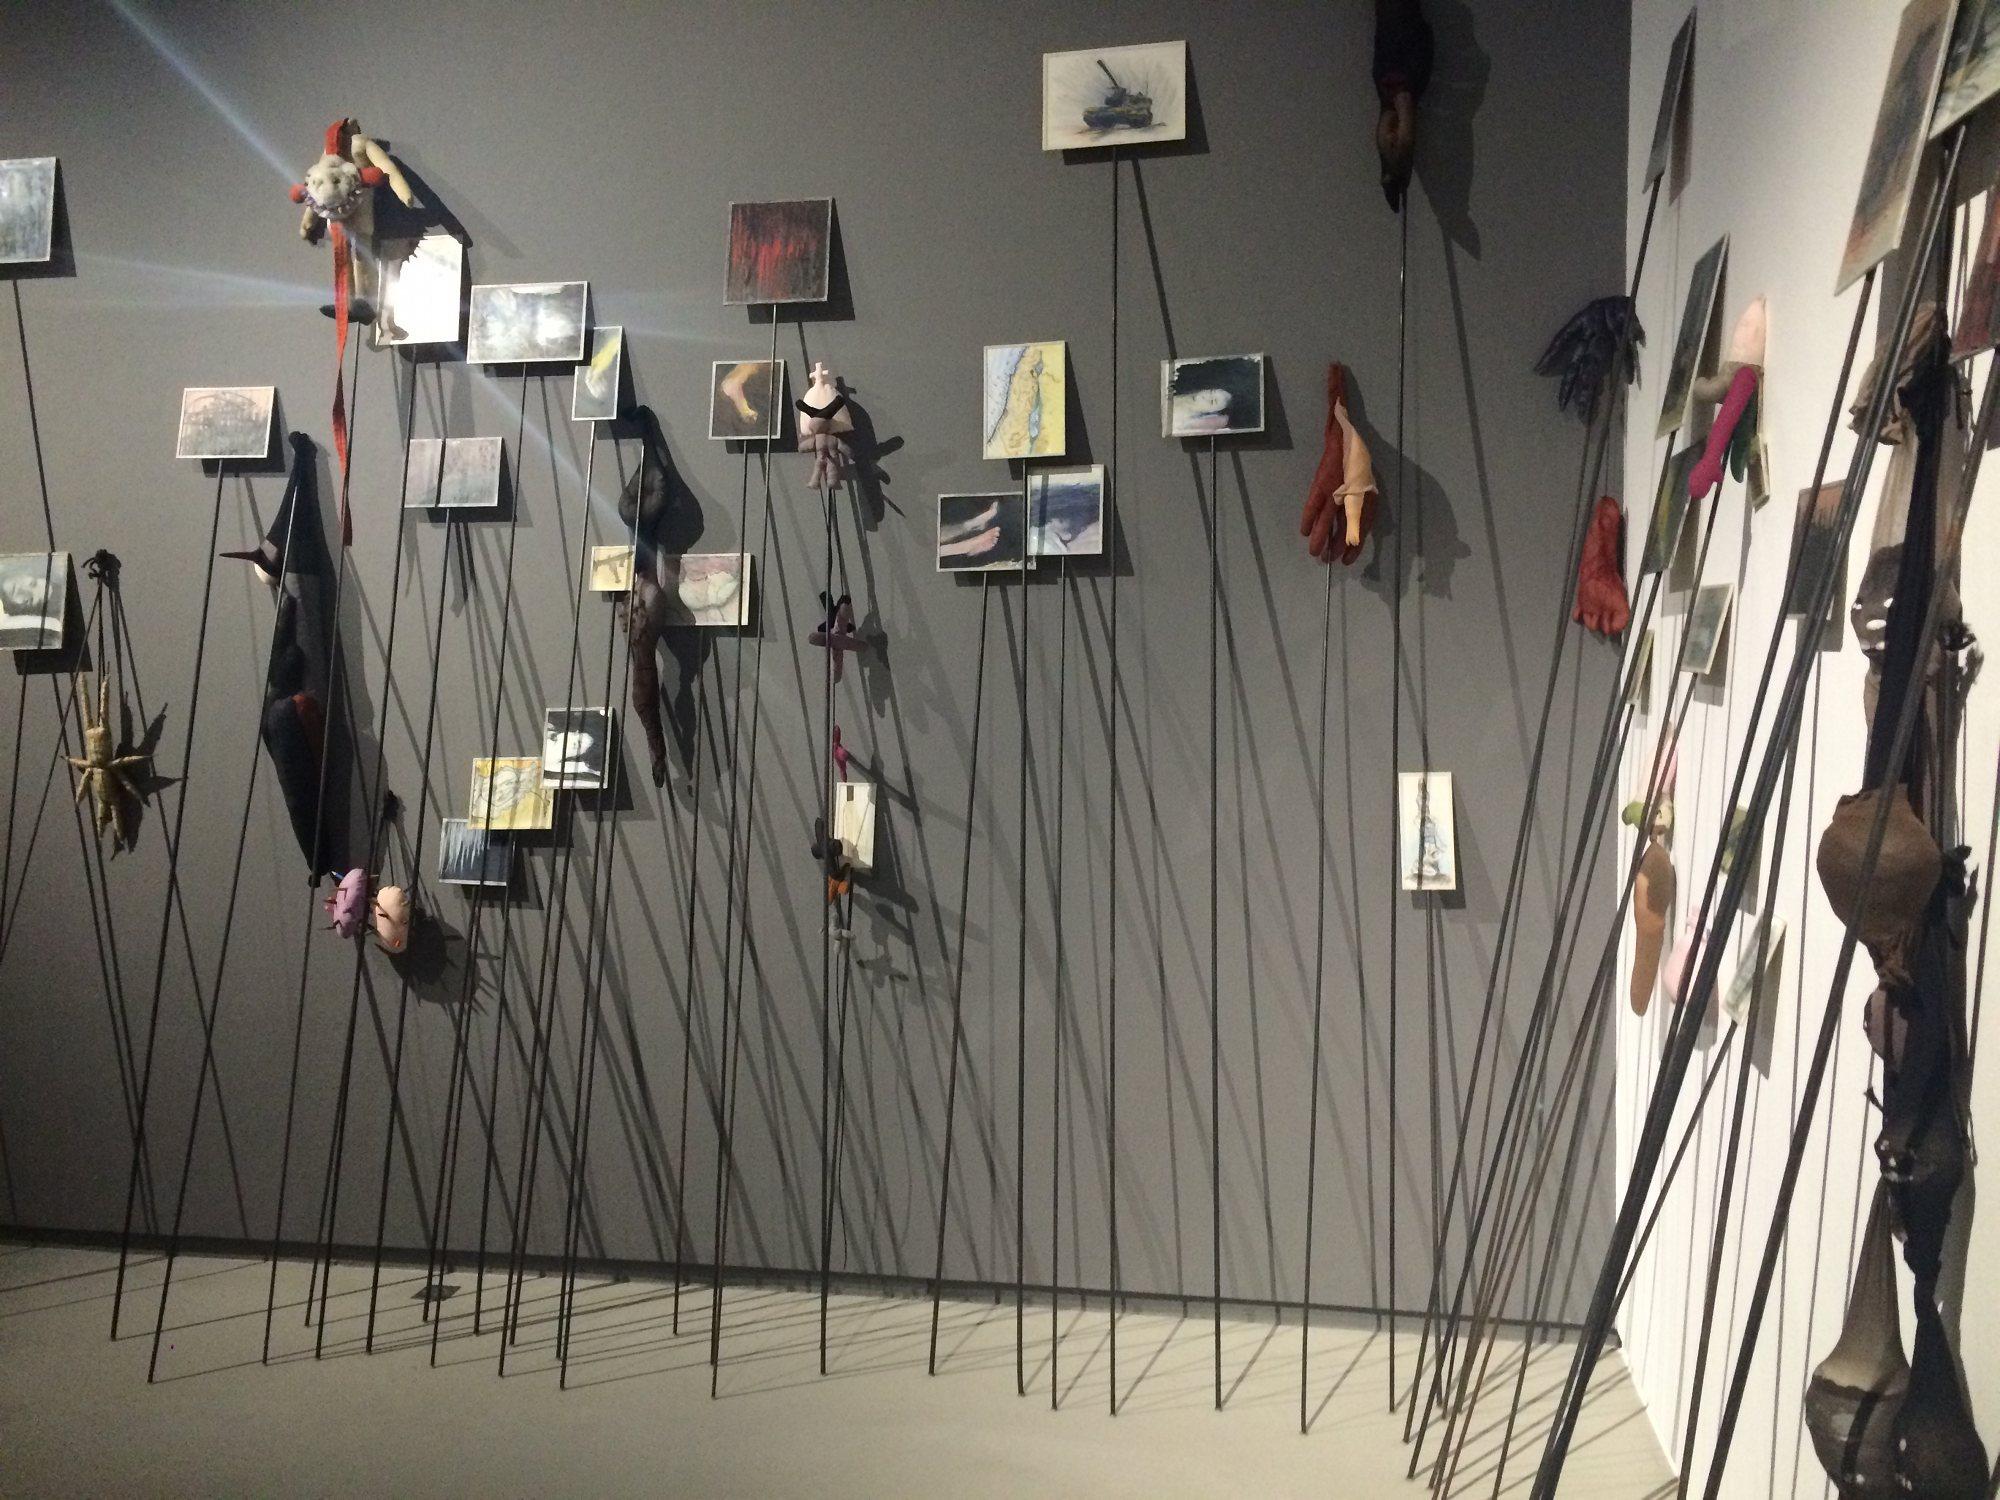 Les Piques, Annette Messager, 1992.